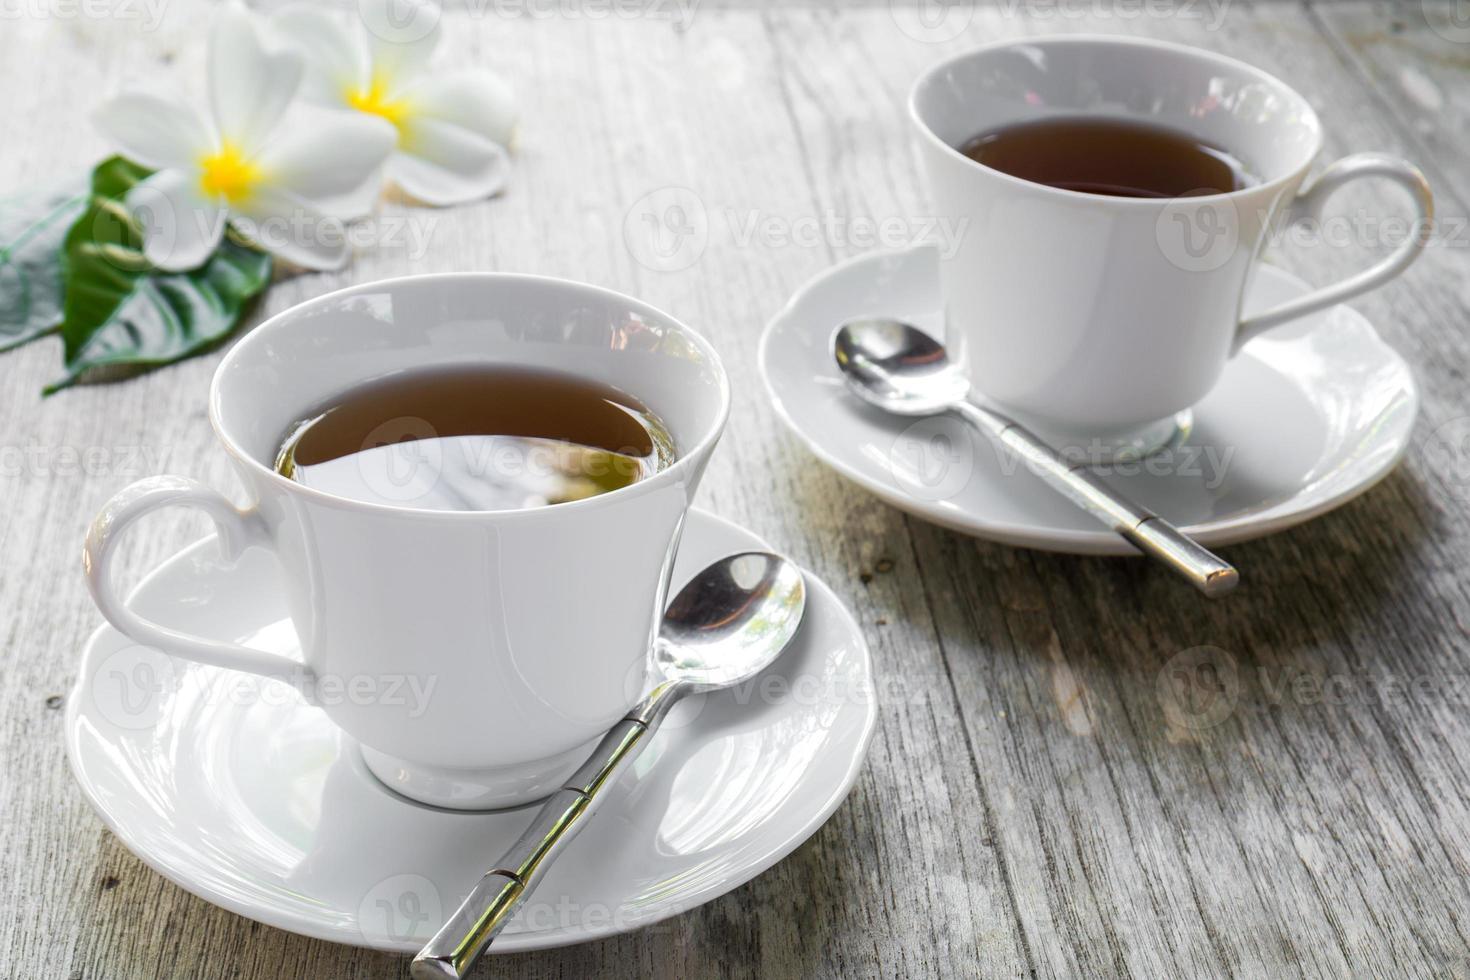 xícara de chá na mesa de madeira foto